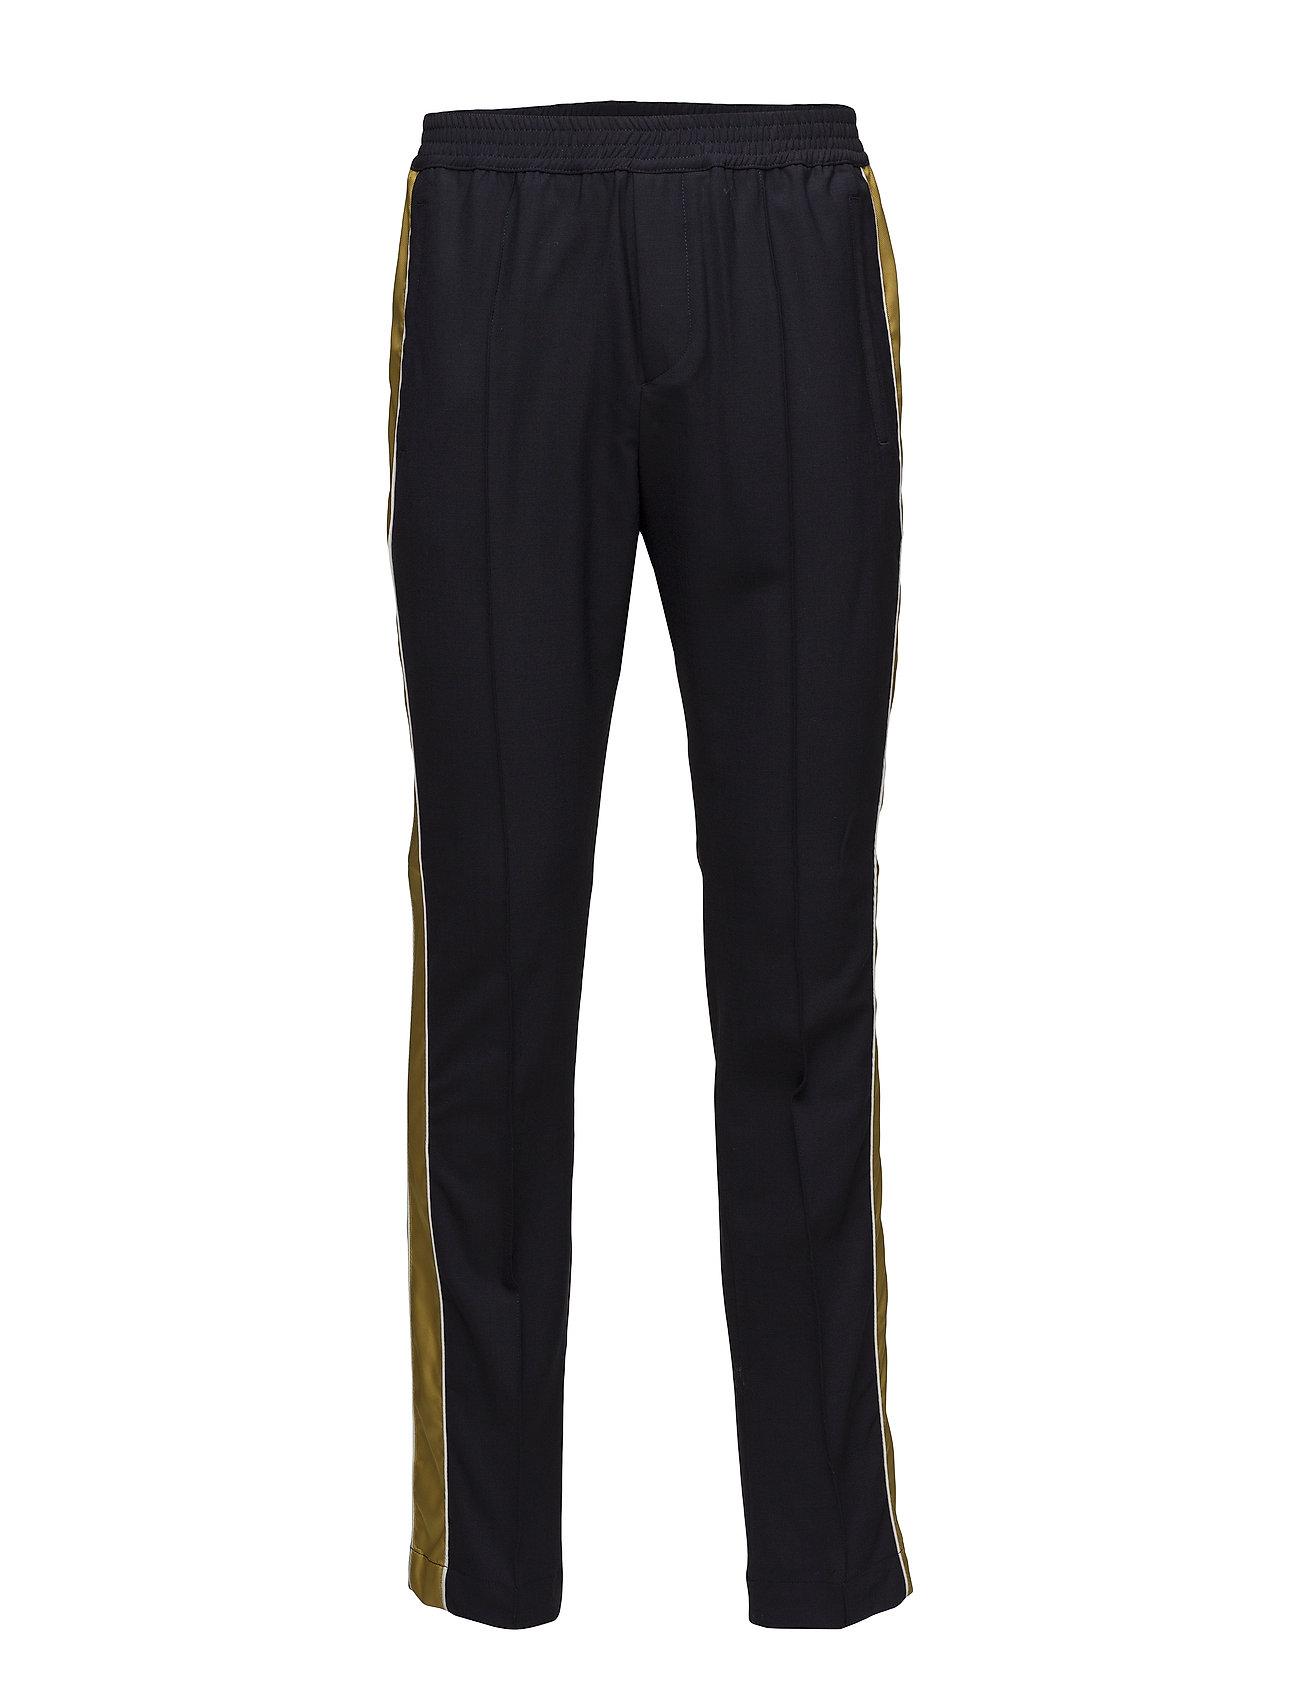 Image of Trousers Main Habitbukser Stylede Bukser Blå KENZO (3059593447)